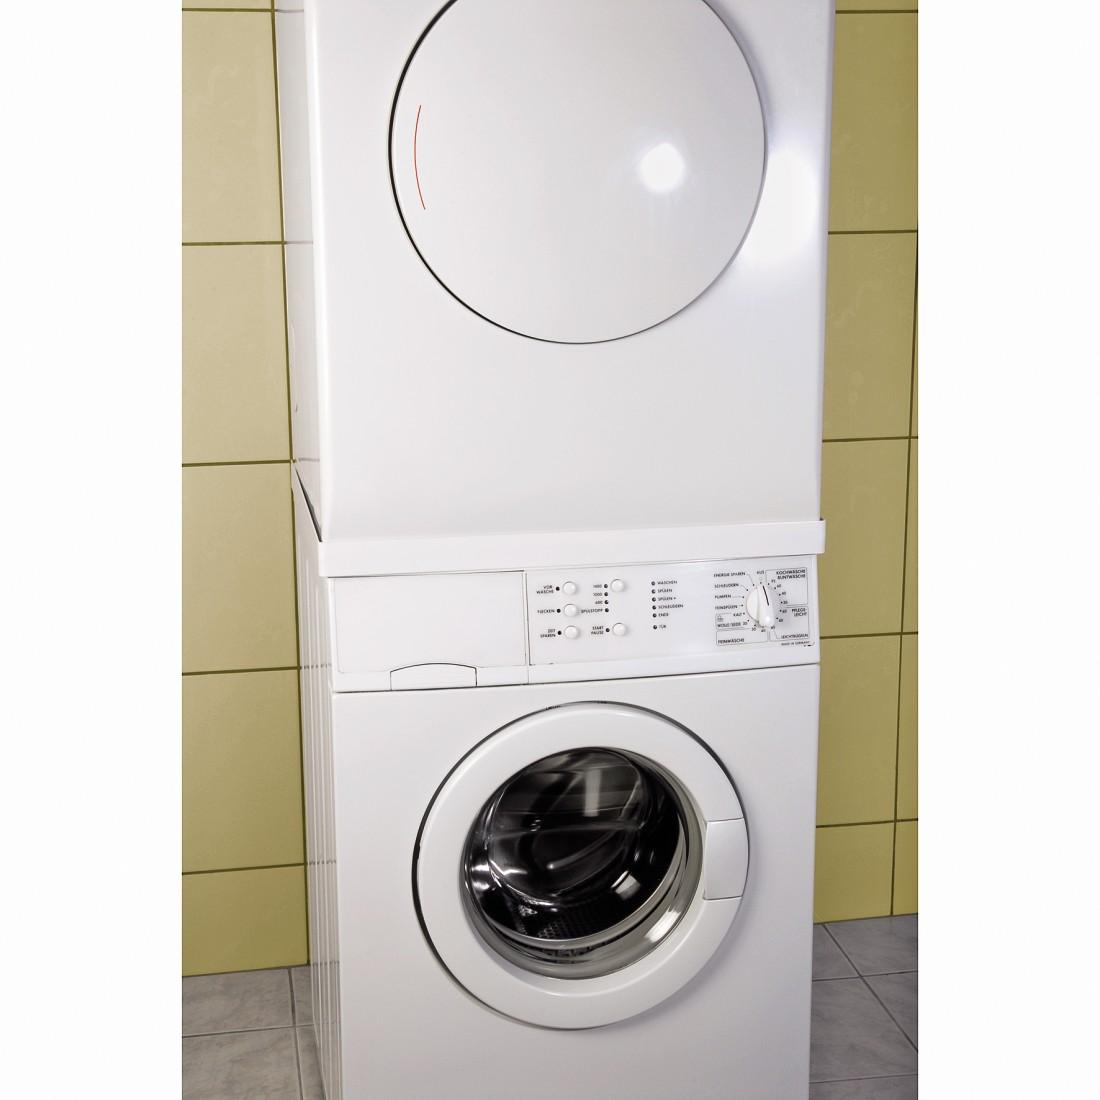 00110815 xavax zwischenbausatz f r waschmaschine trockner xavax die starke marke. Black Bedroom Furniture Sets. Home Design Ideas